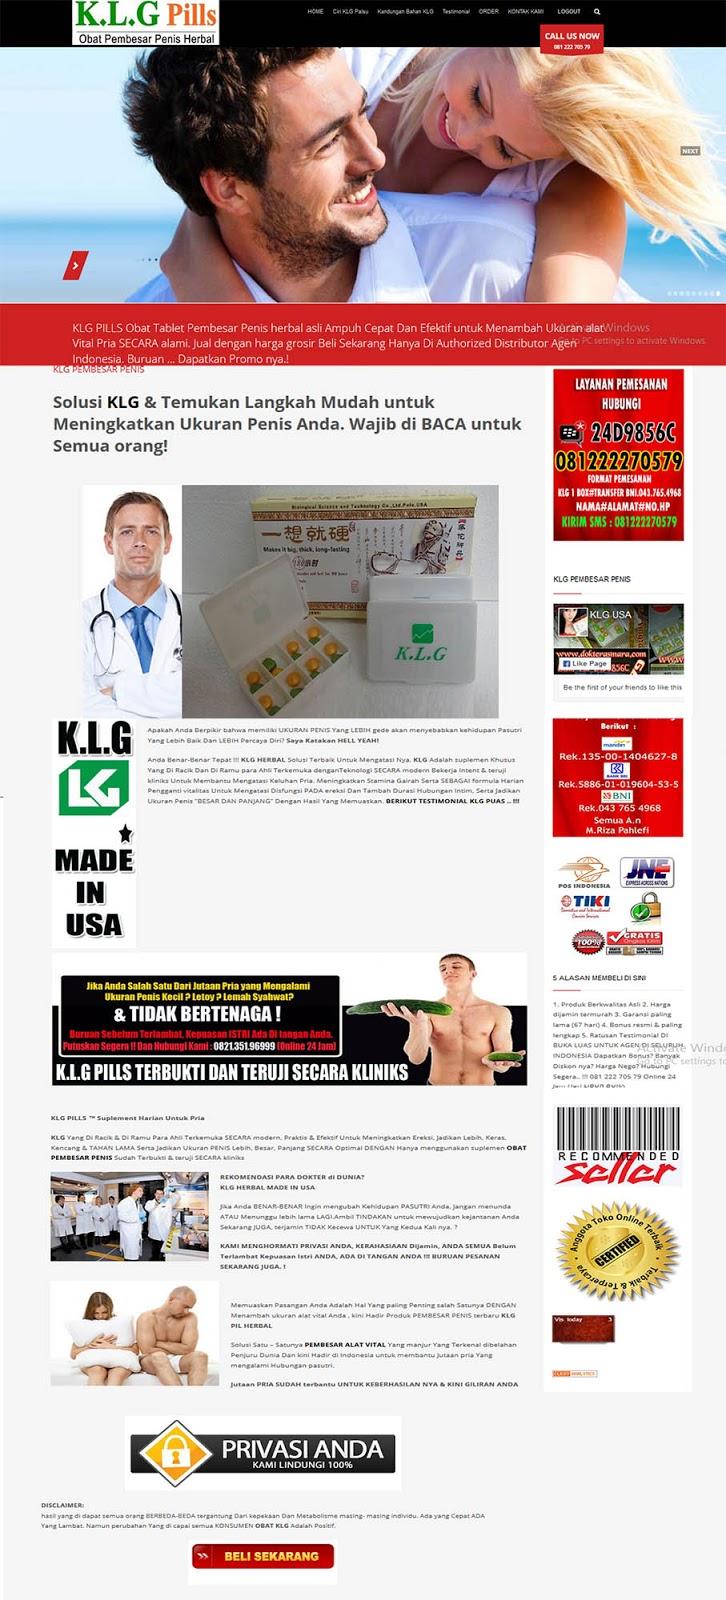 Jasa Pembuatan Landing Page Obat Herbal 2017